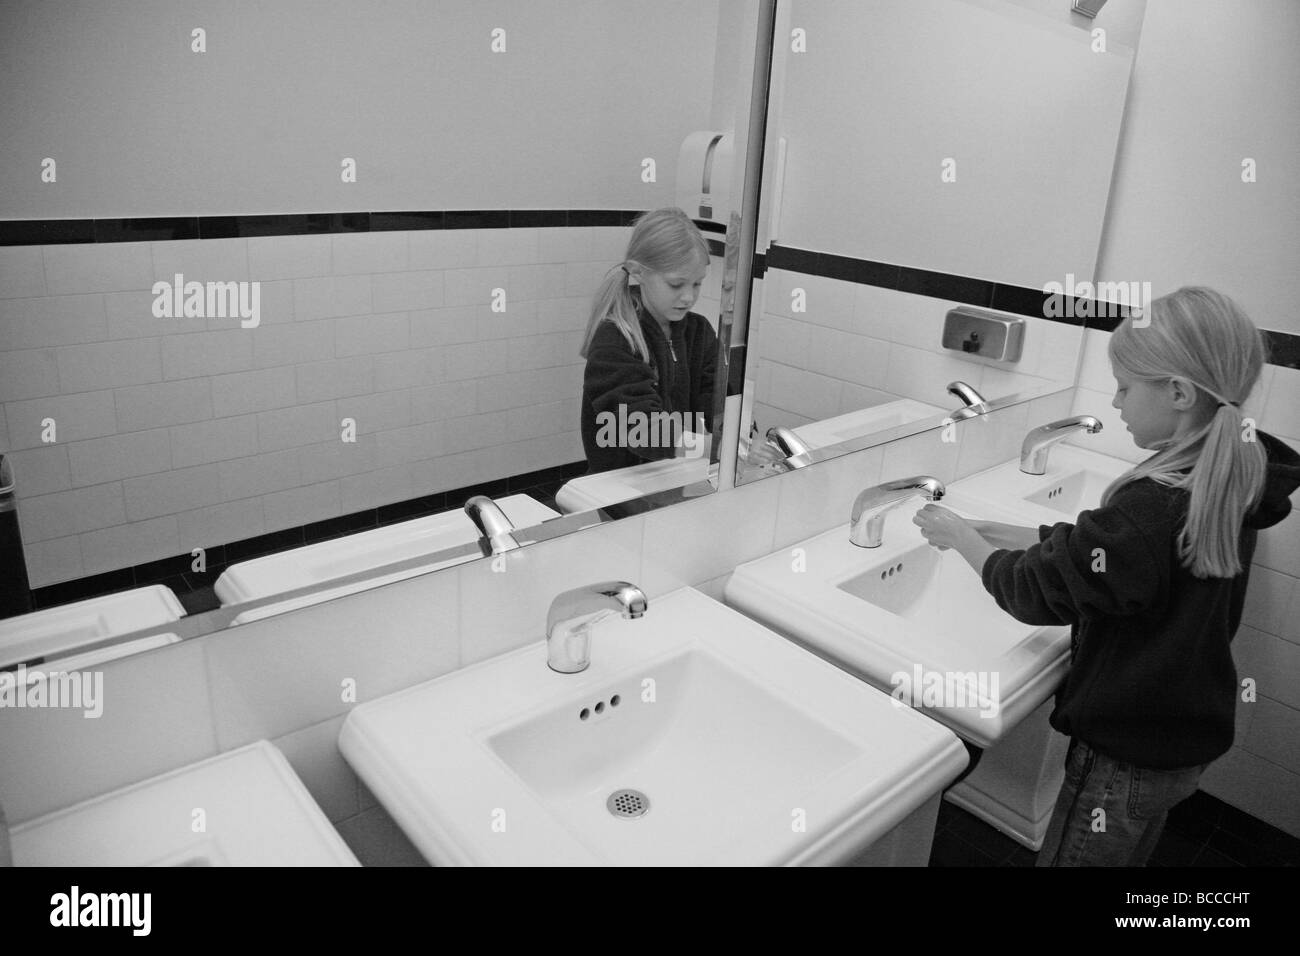 Schwarz / weiß Bild von Mädchen waschen Hände im Badezimmer ...